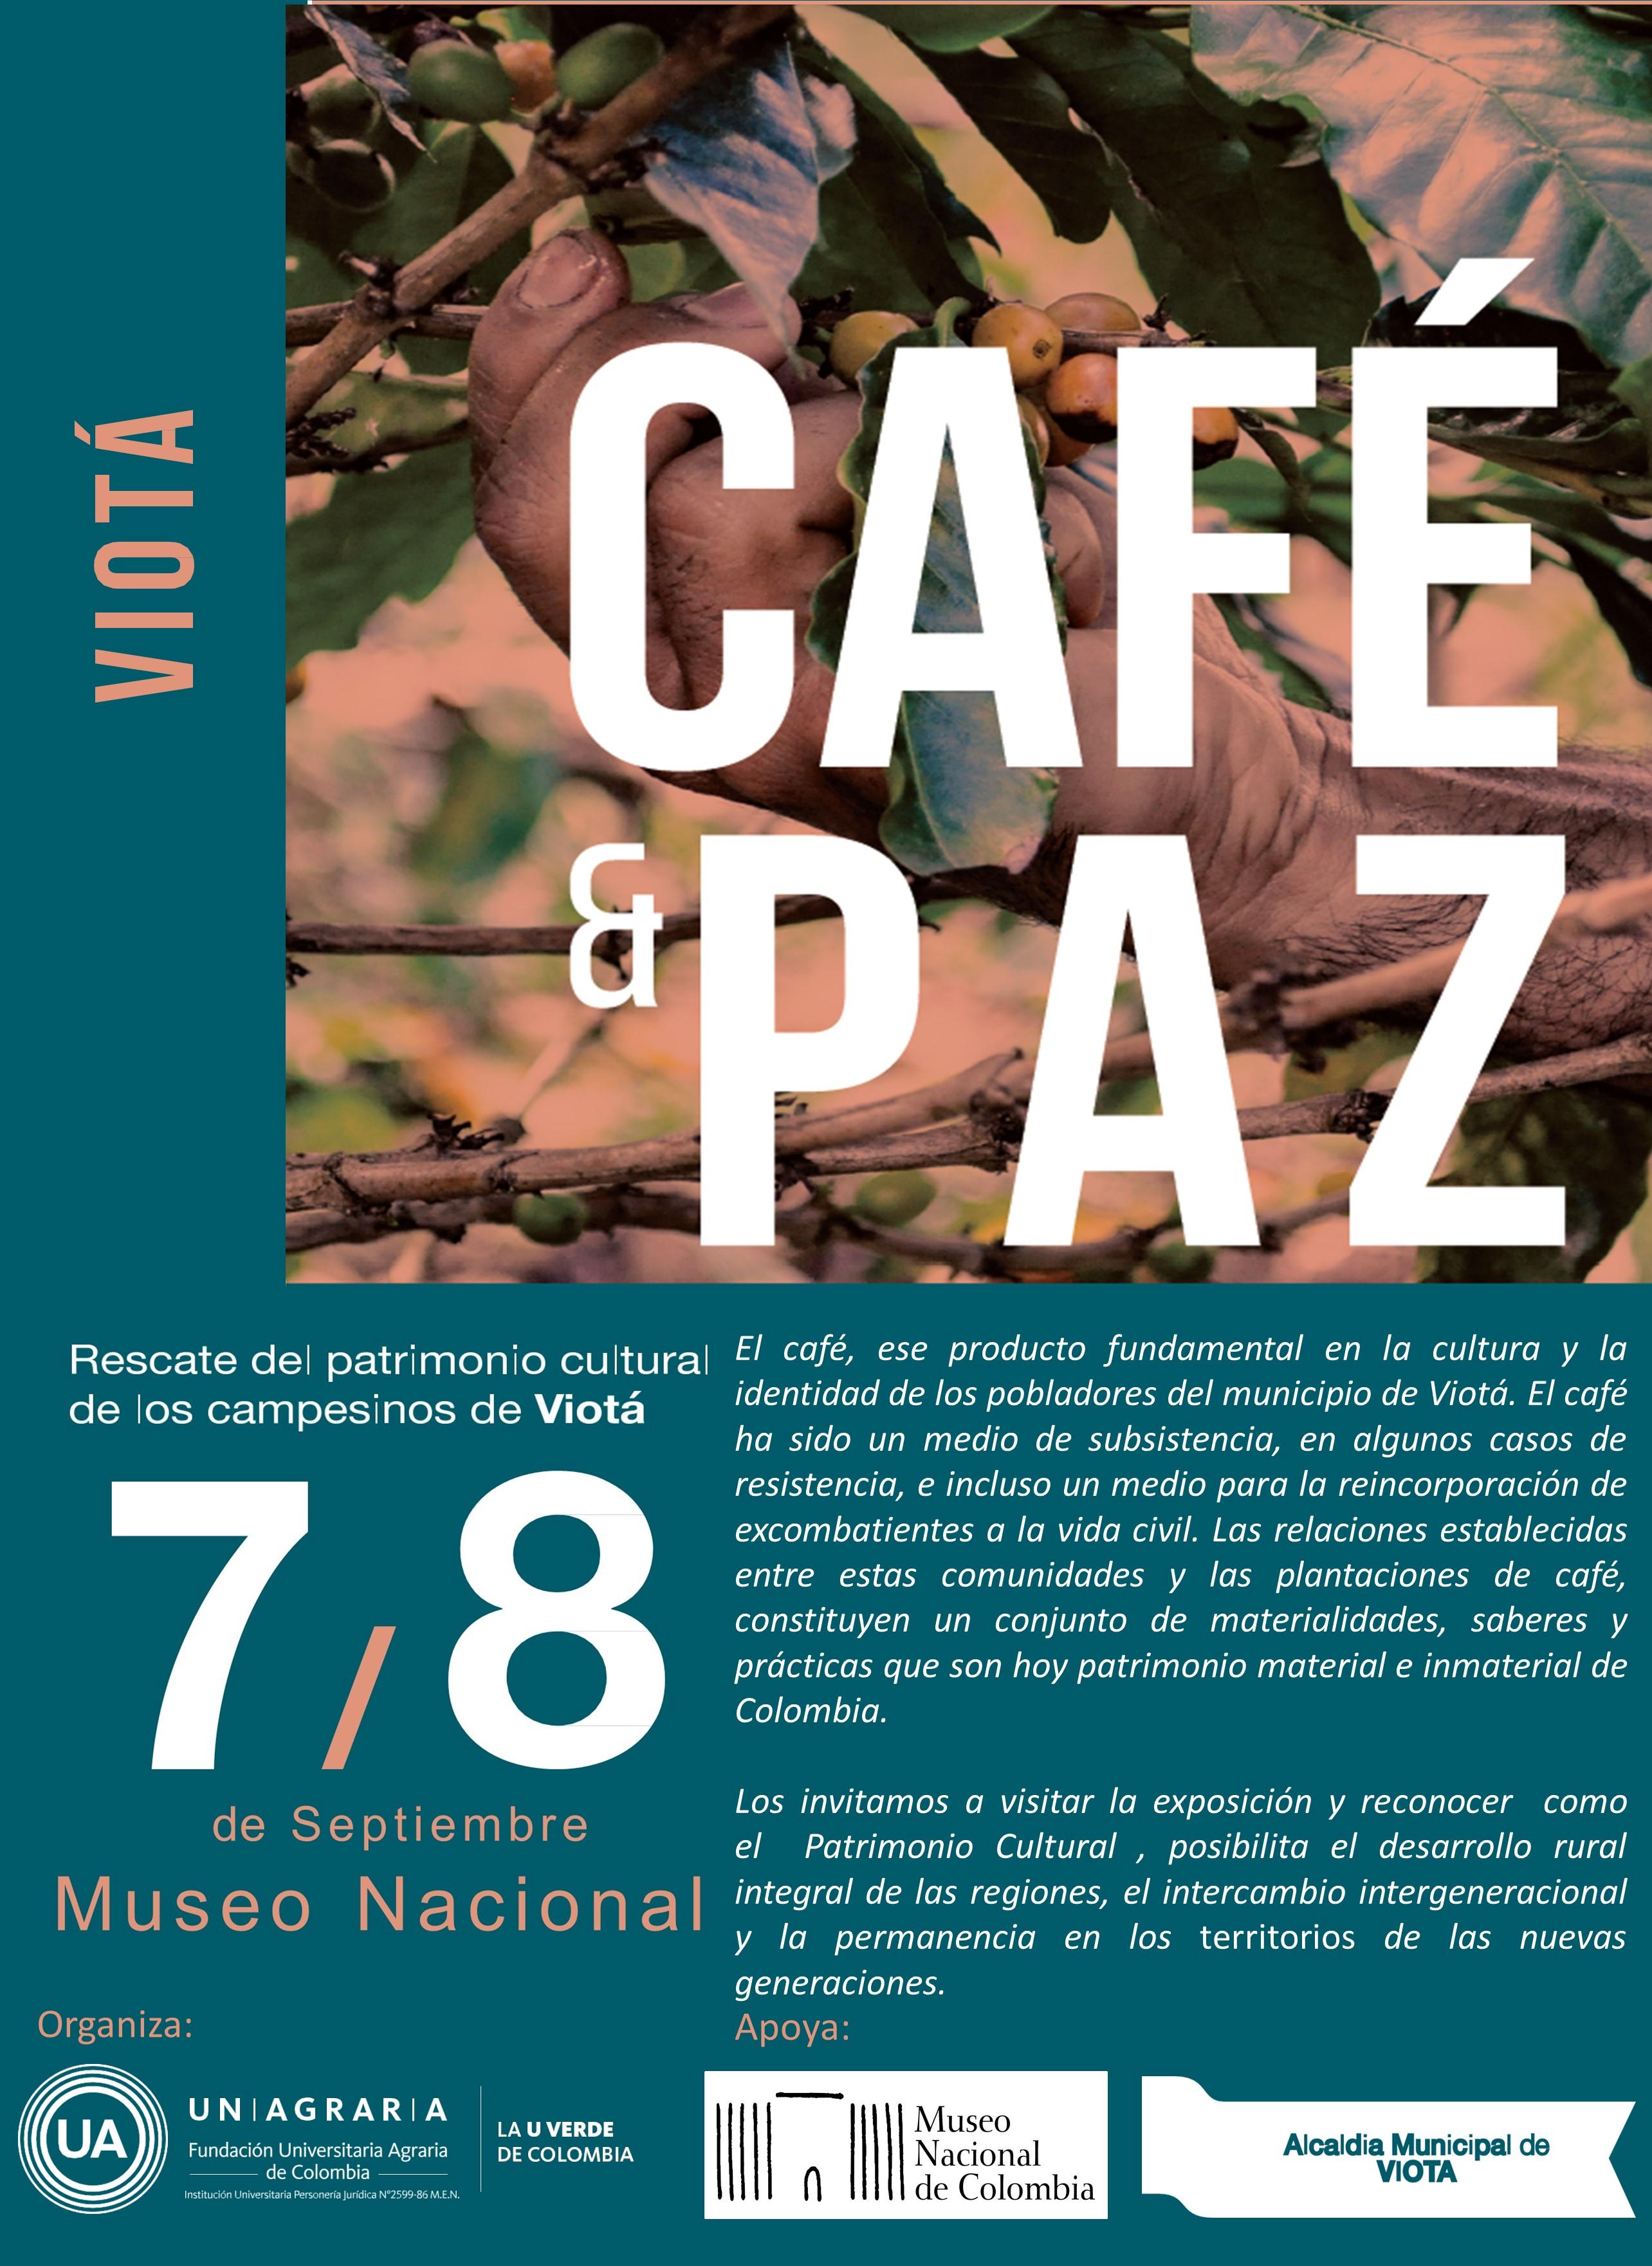 Café y Paz